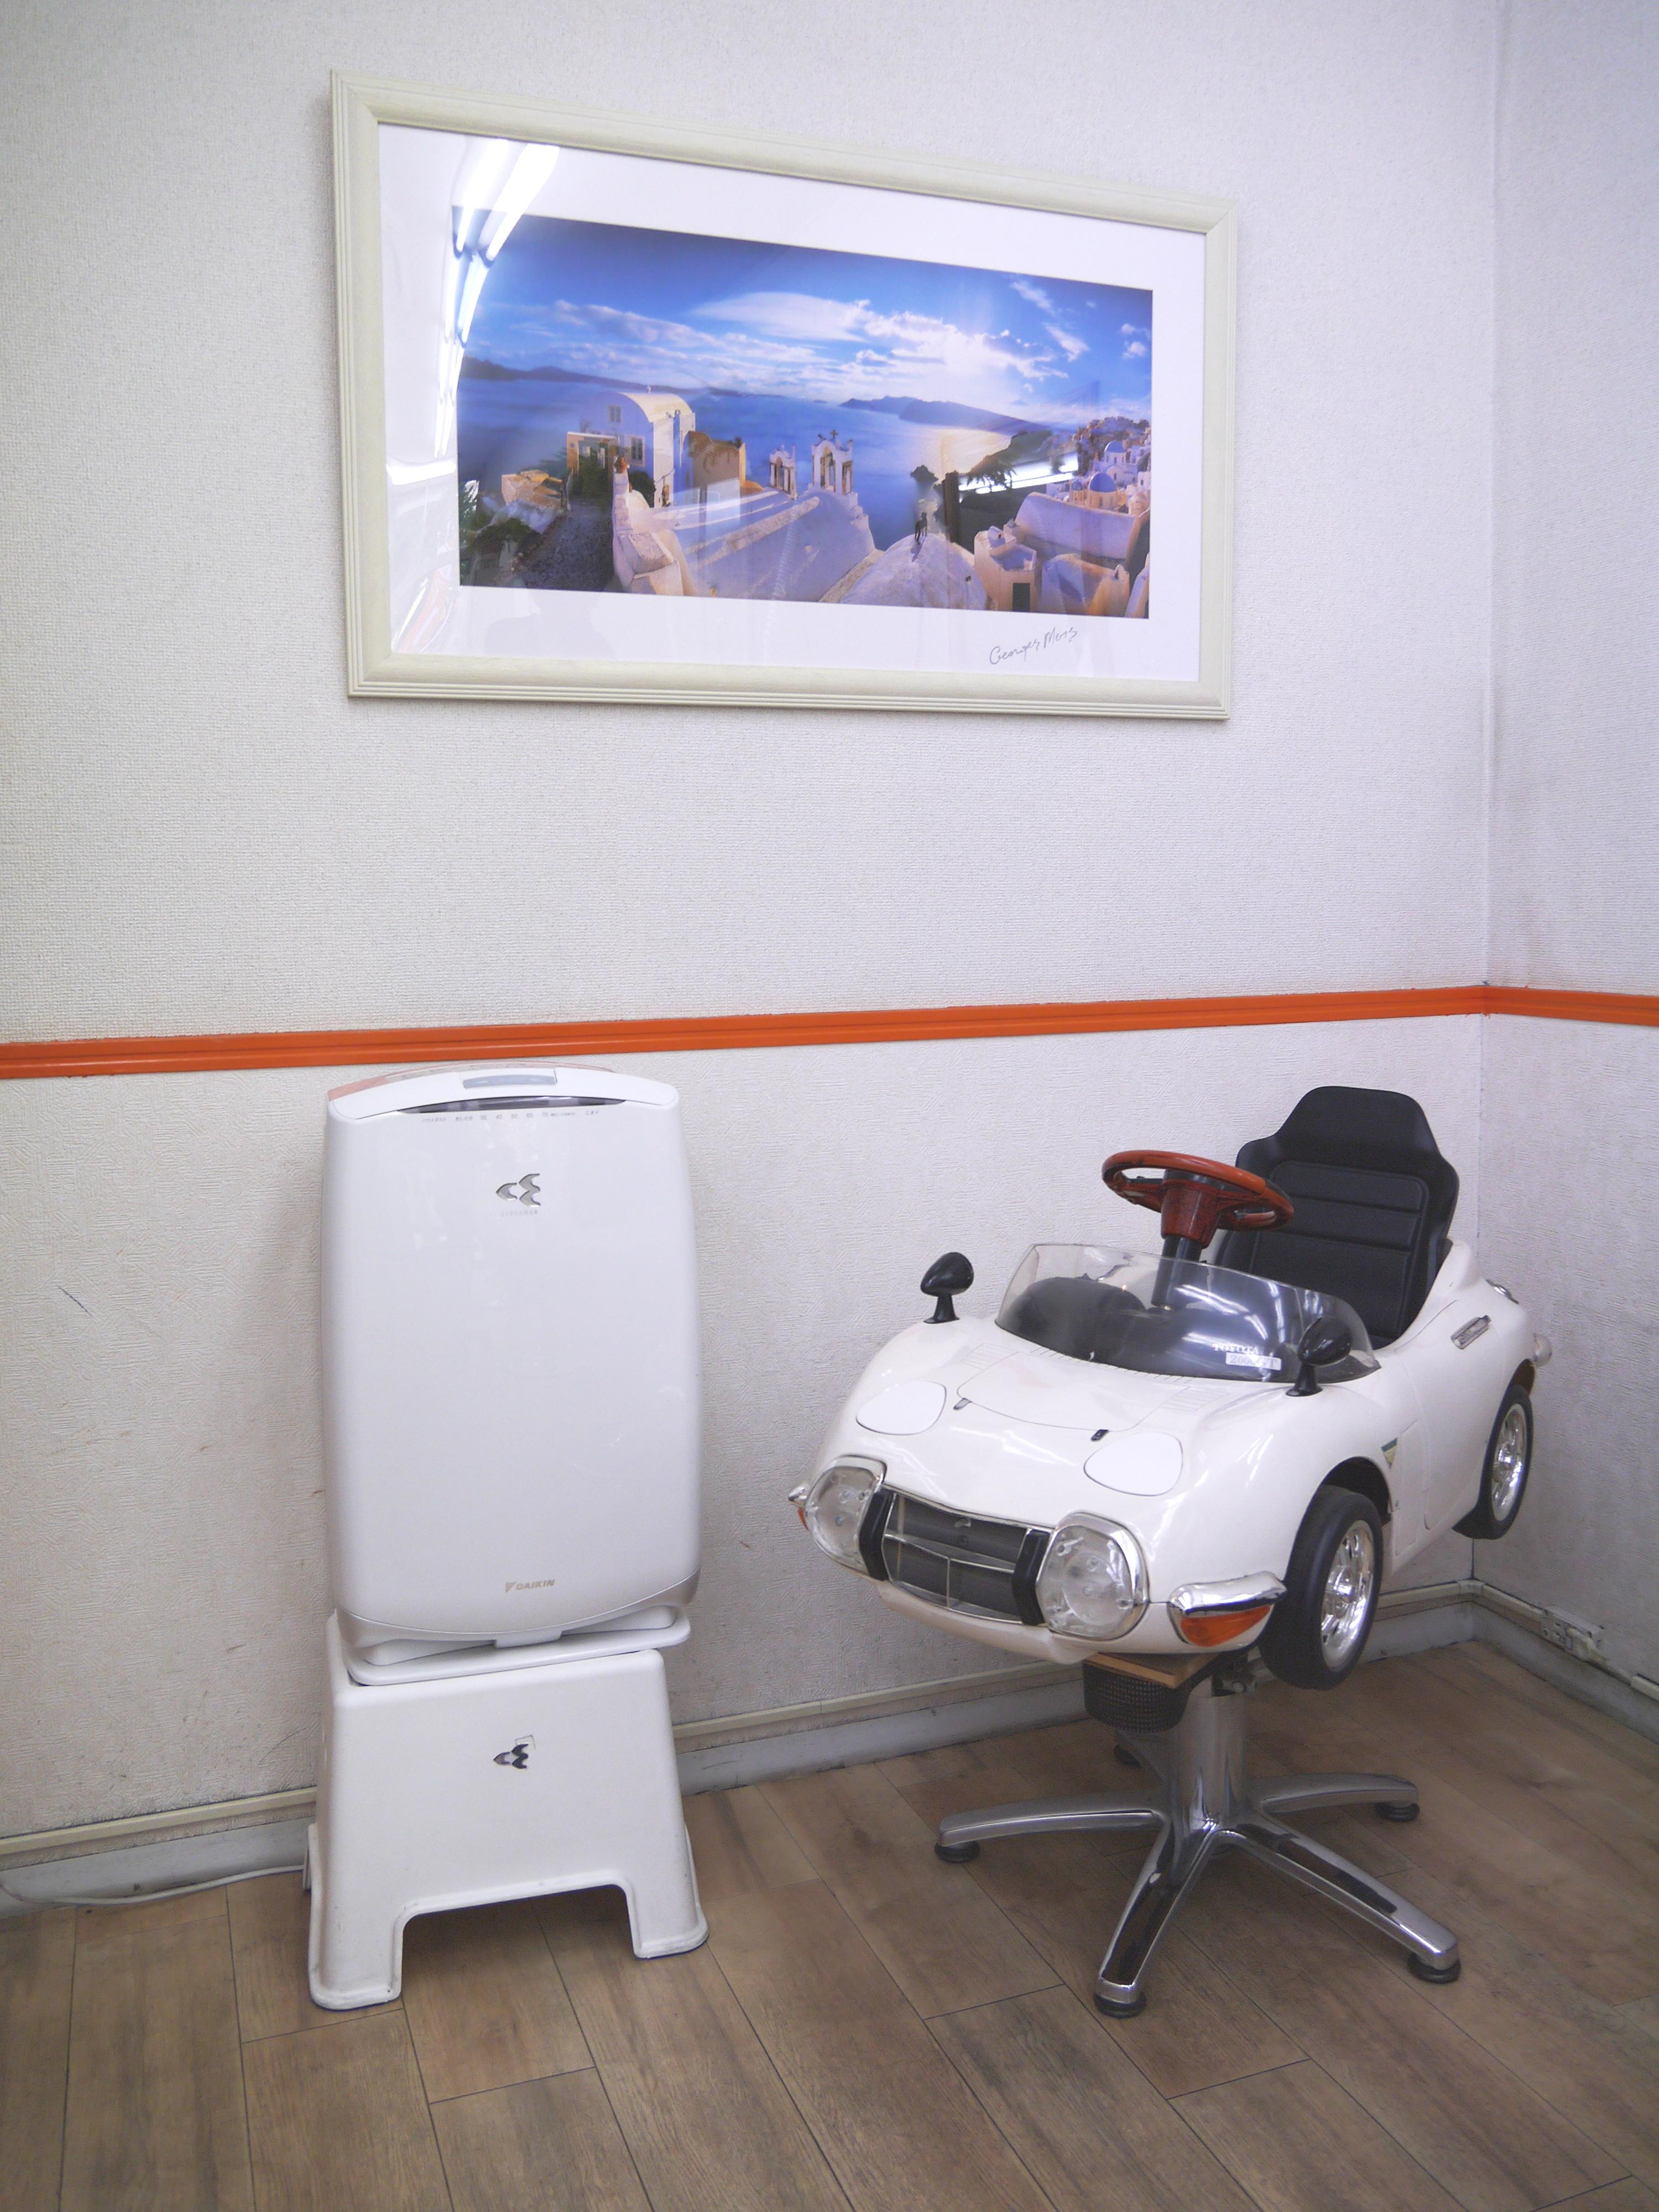 空調設備も完備で、落ち着いた空間に。お子さまは車のシートで楽しくカットも可能です